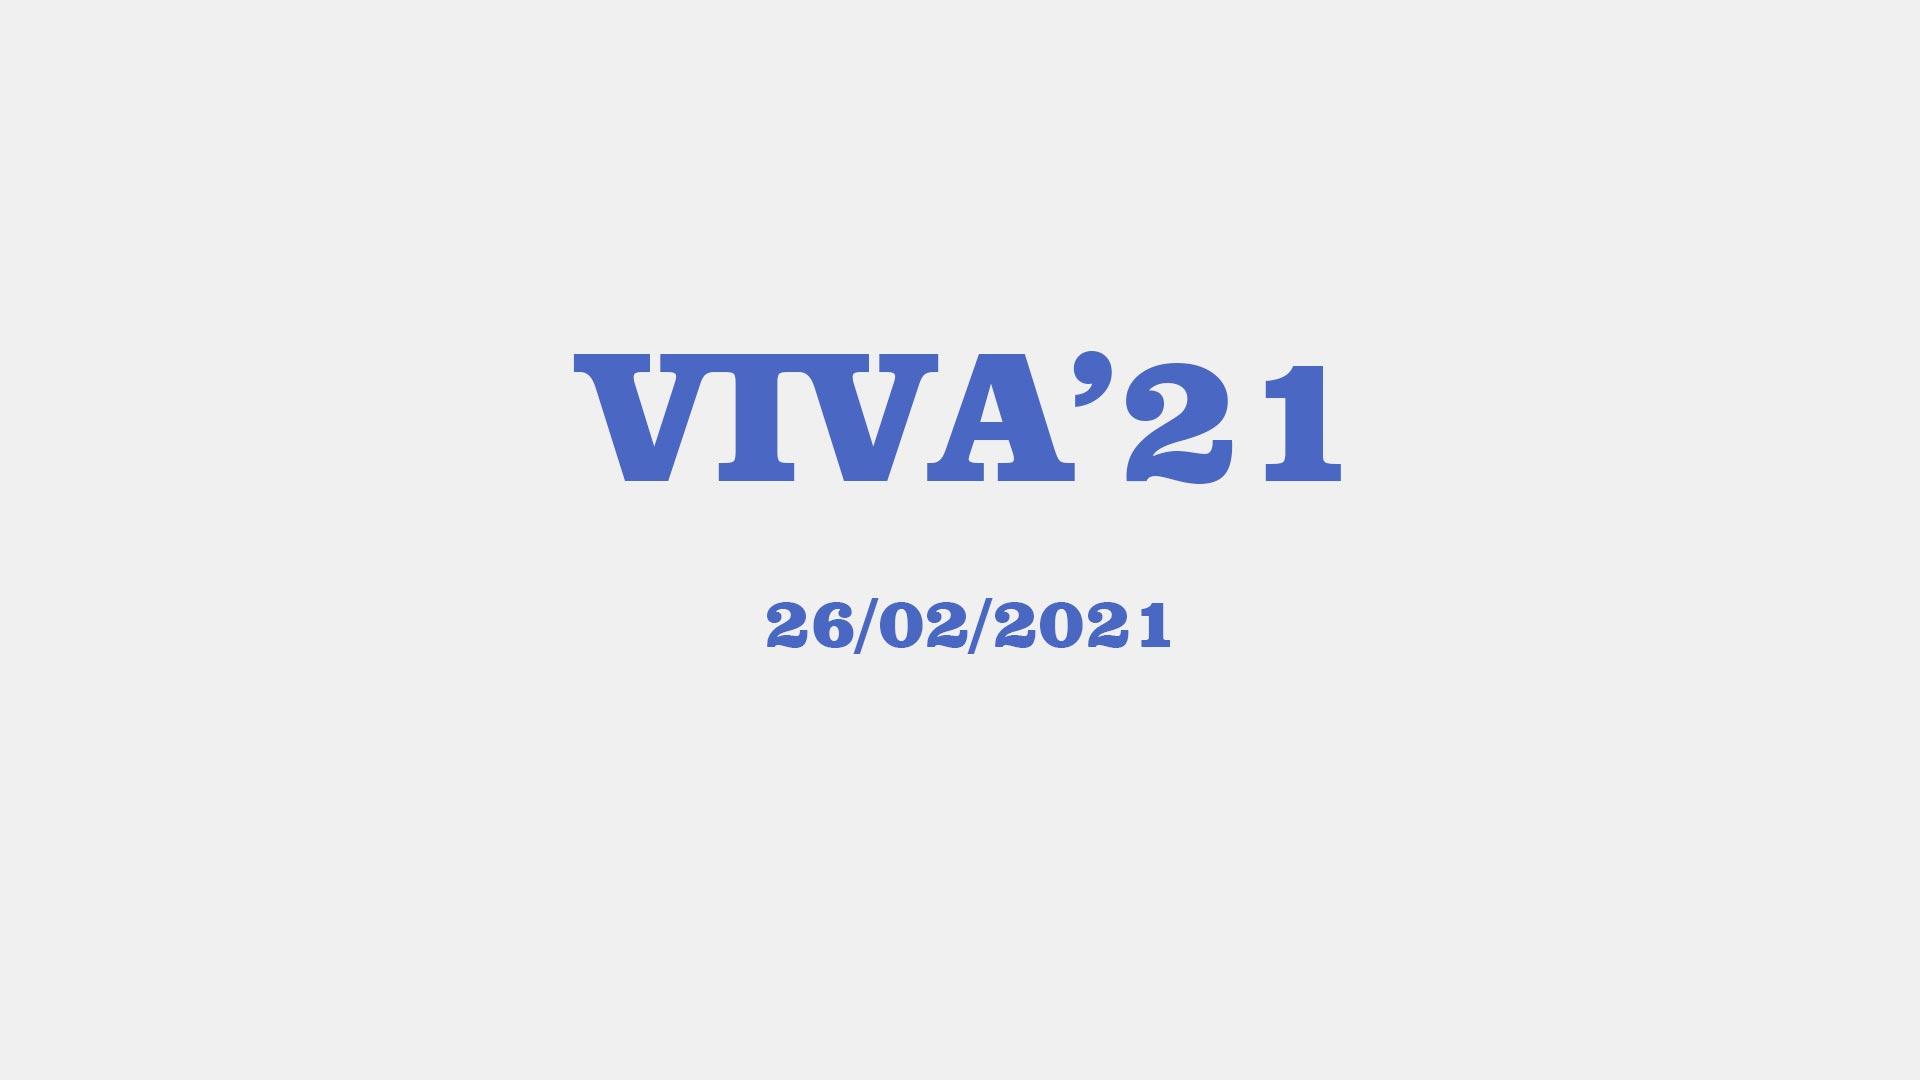 VIVA'21